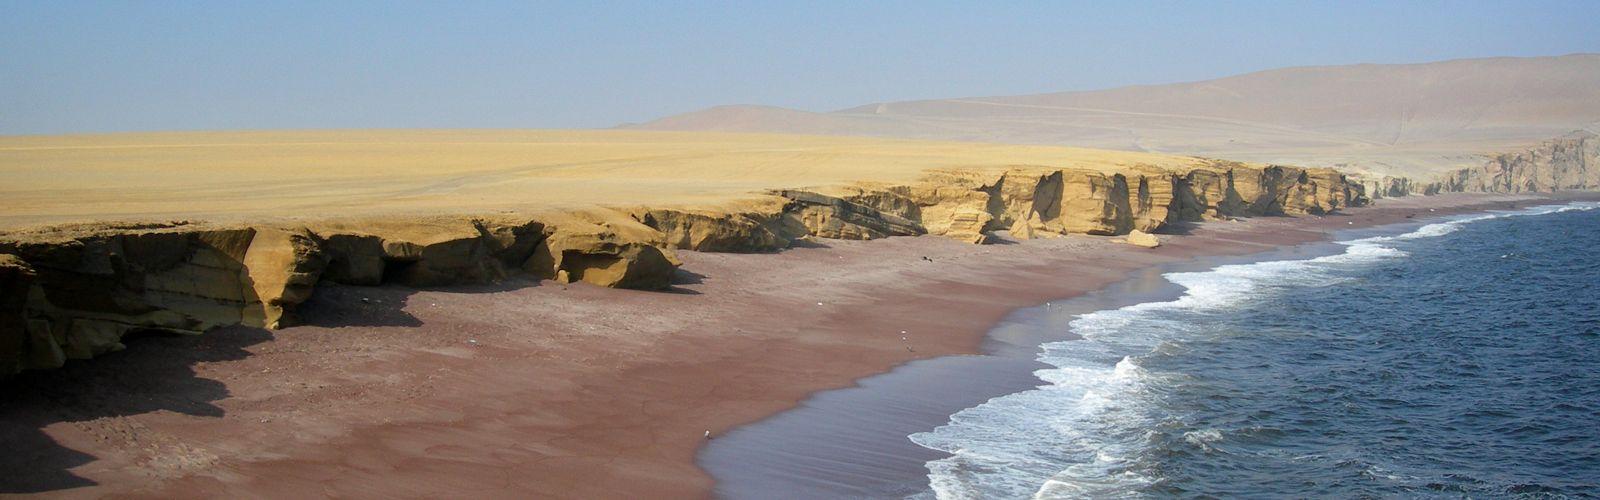 Desierto de la costa del Pacífico de la Reserva Nacional de Paracas, Perú.